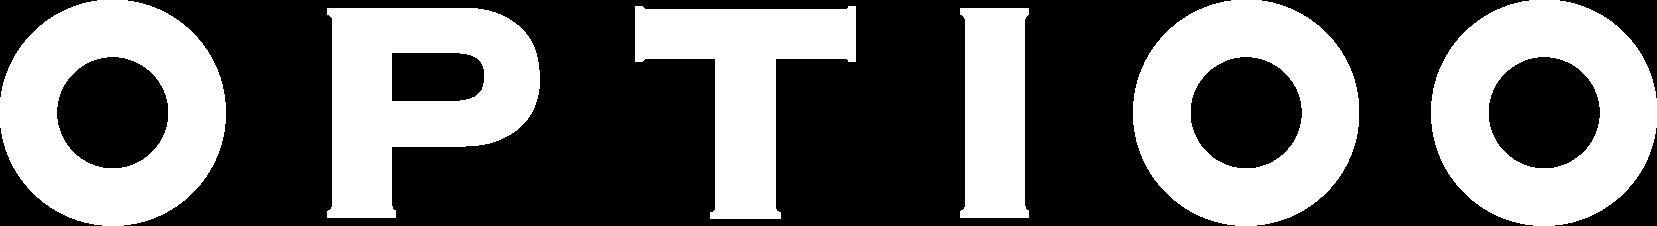 OPTIOO-三工光学